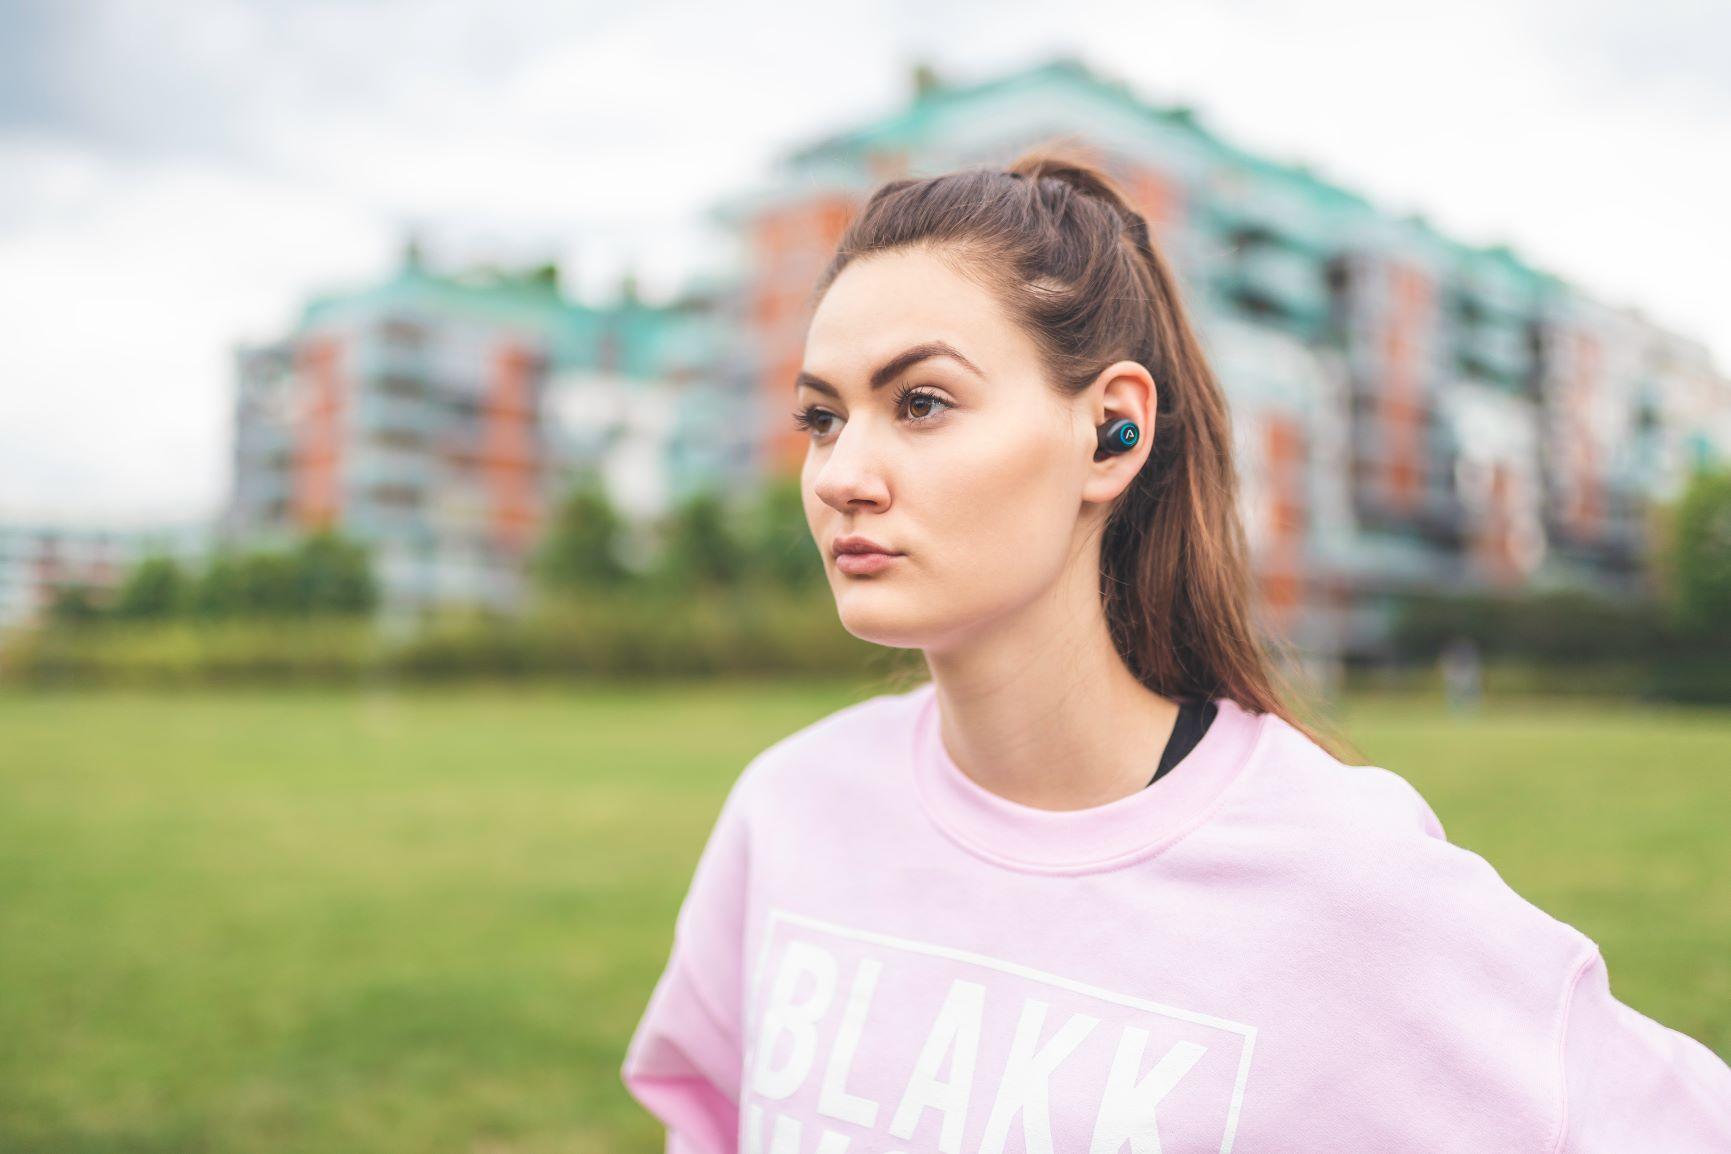 Lamax Dots1 vezeték nélküli fülhallgató biztonságos sportos fül mögötti fogantyúval